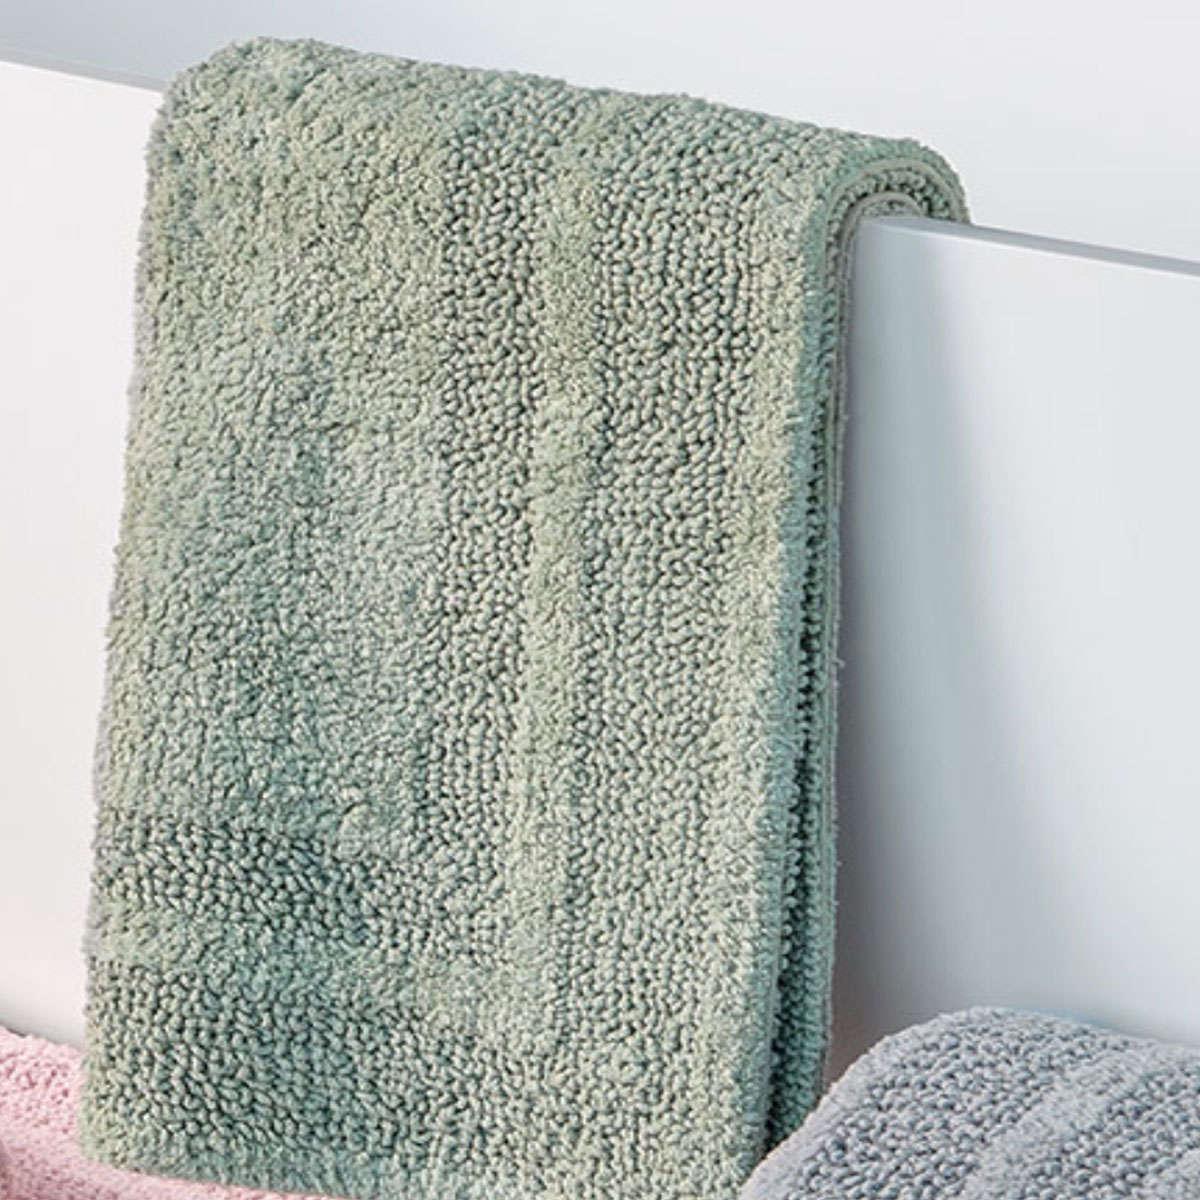 Πατάκι Μπάνιου Marty 10 Green Διπλής Όψης Kentia X-Large 80x130cm